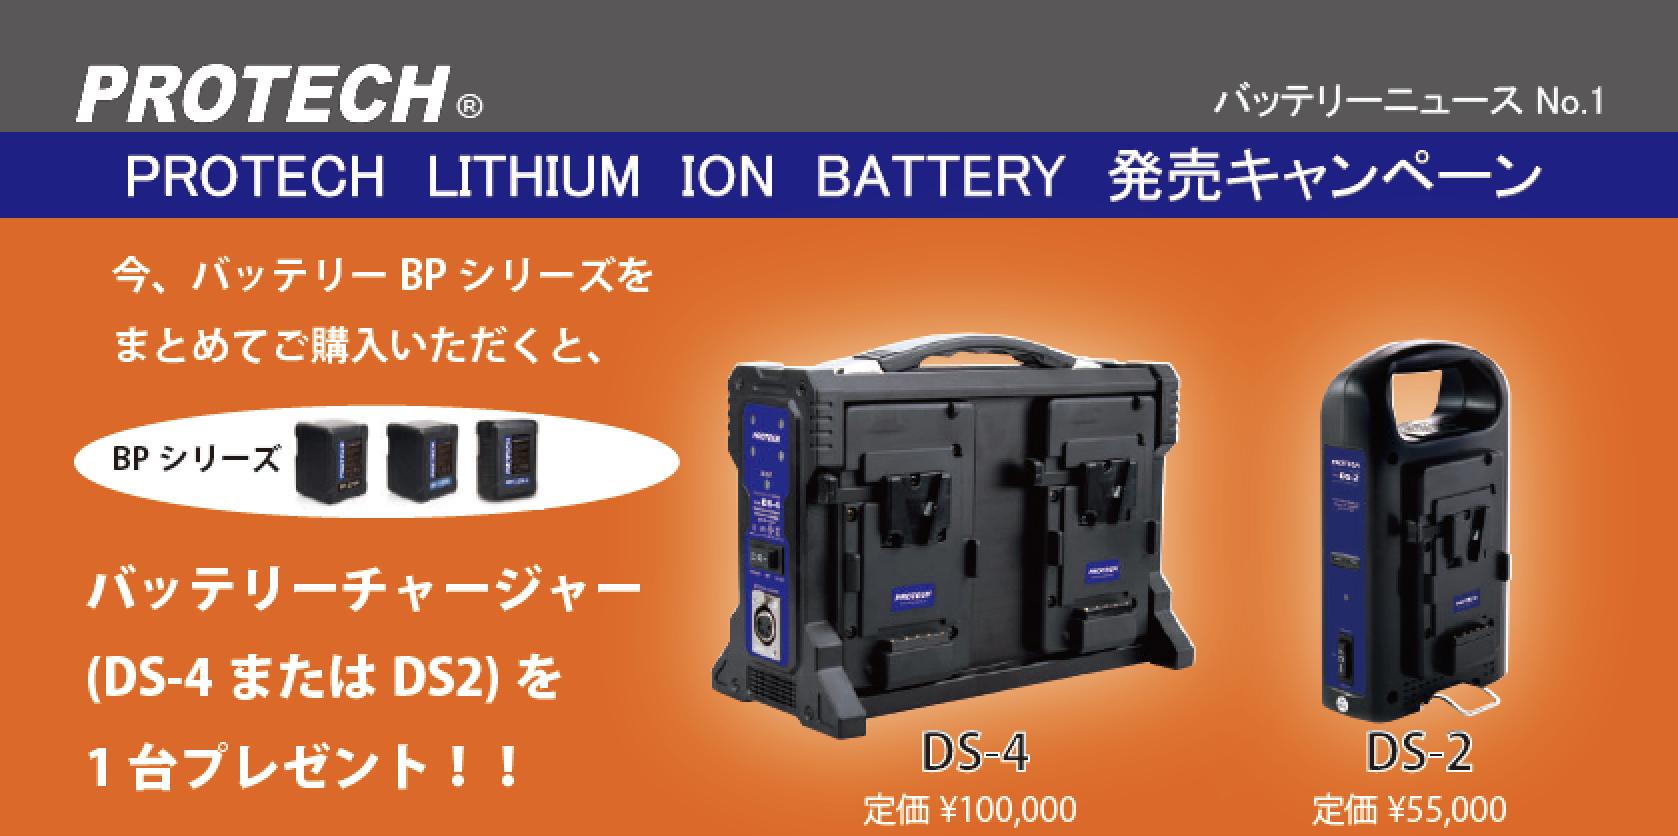 【期間限定】リチウムイオンバッテリー発売キャンペーン!!